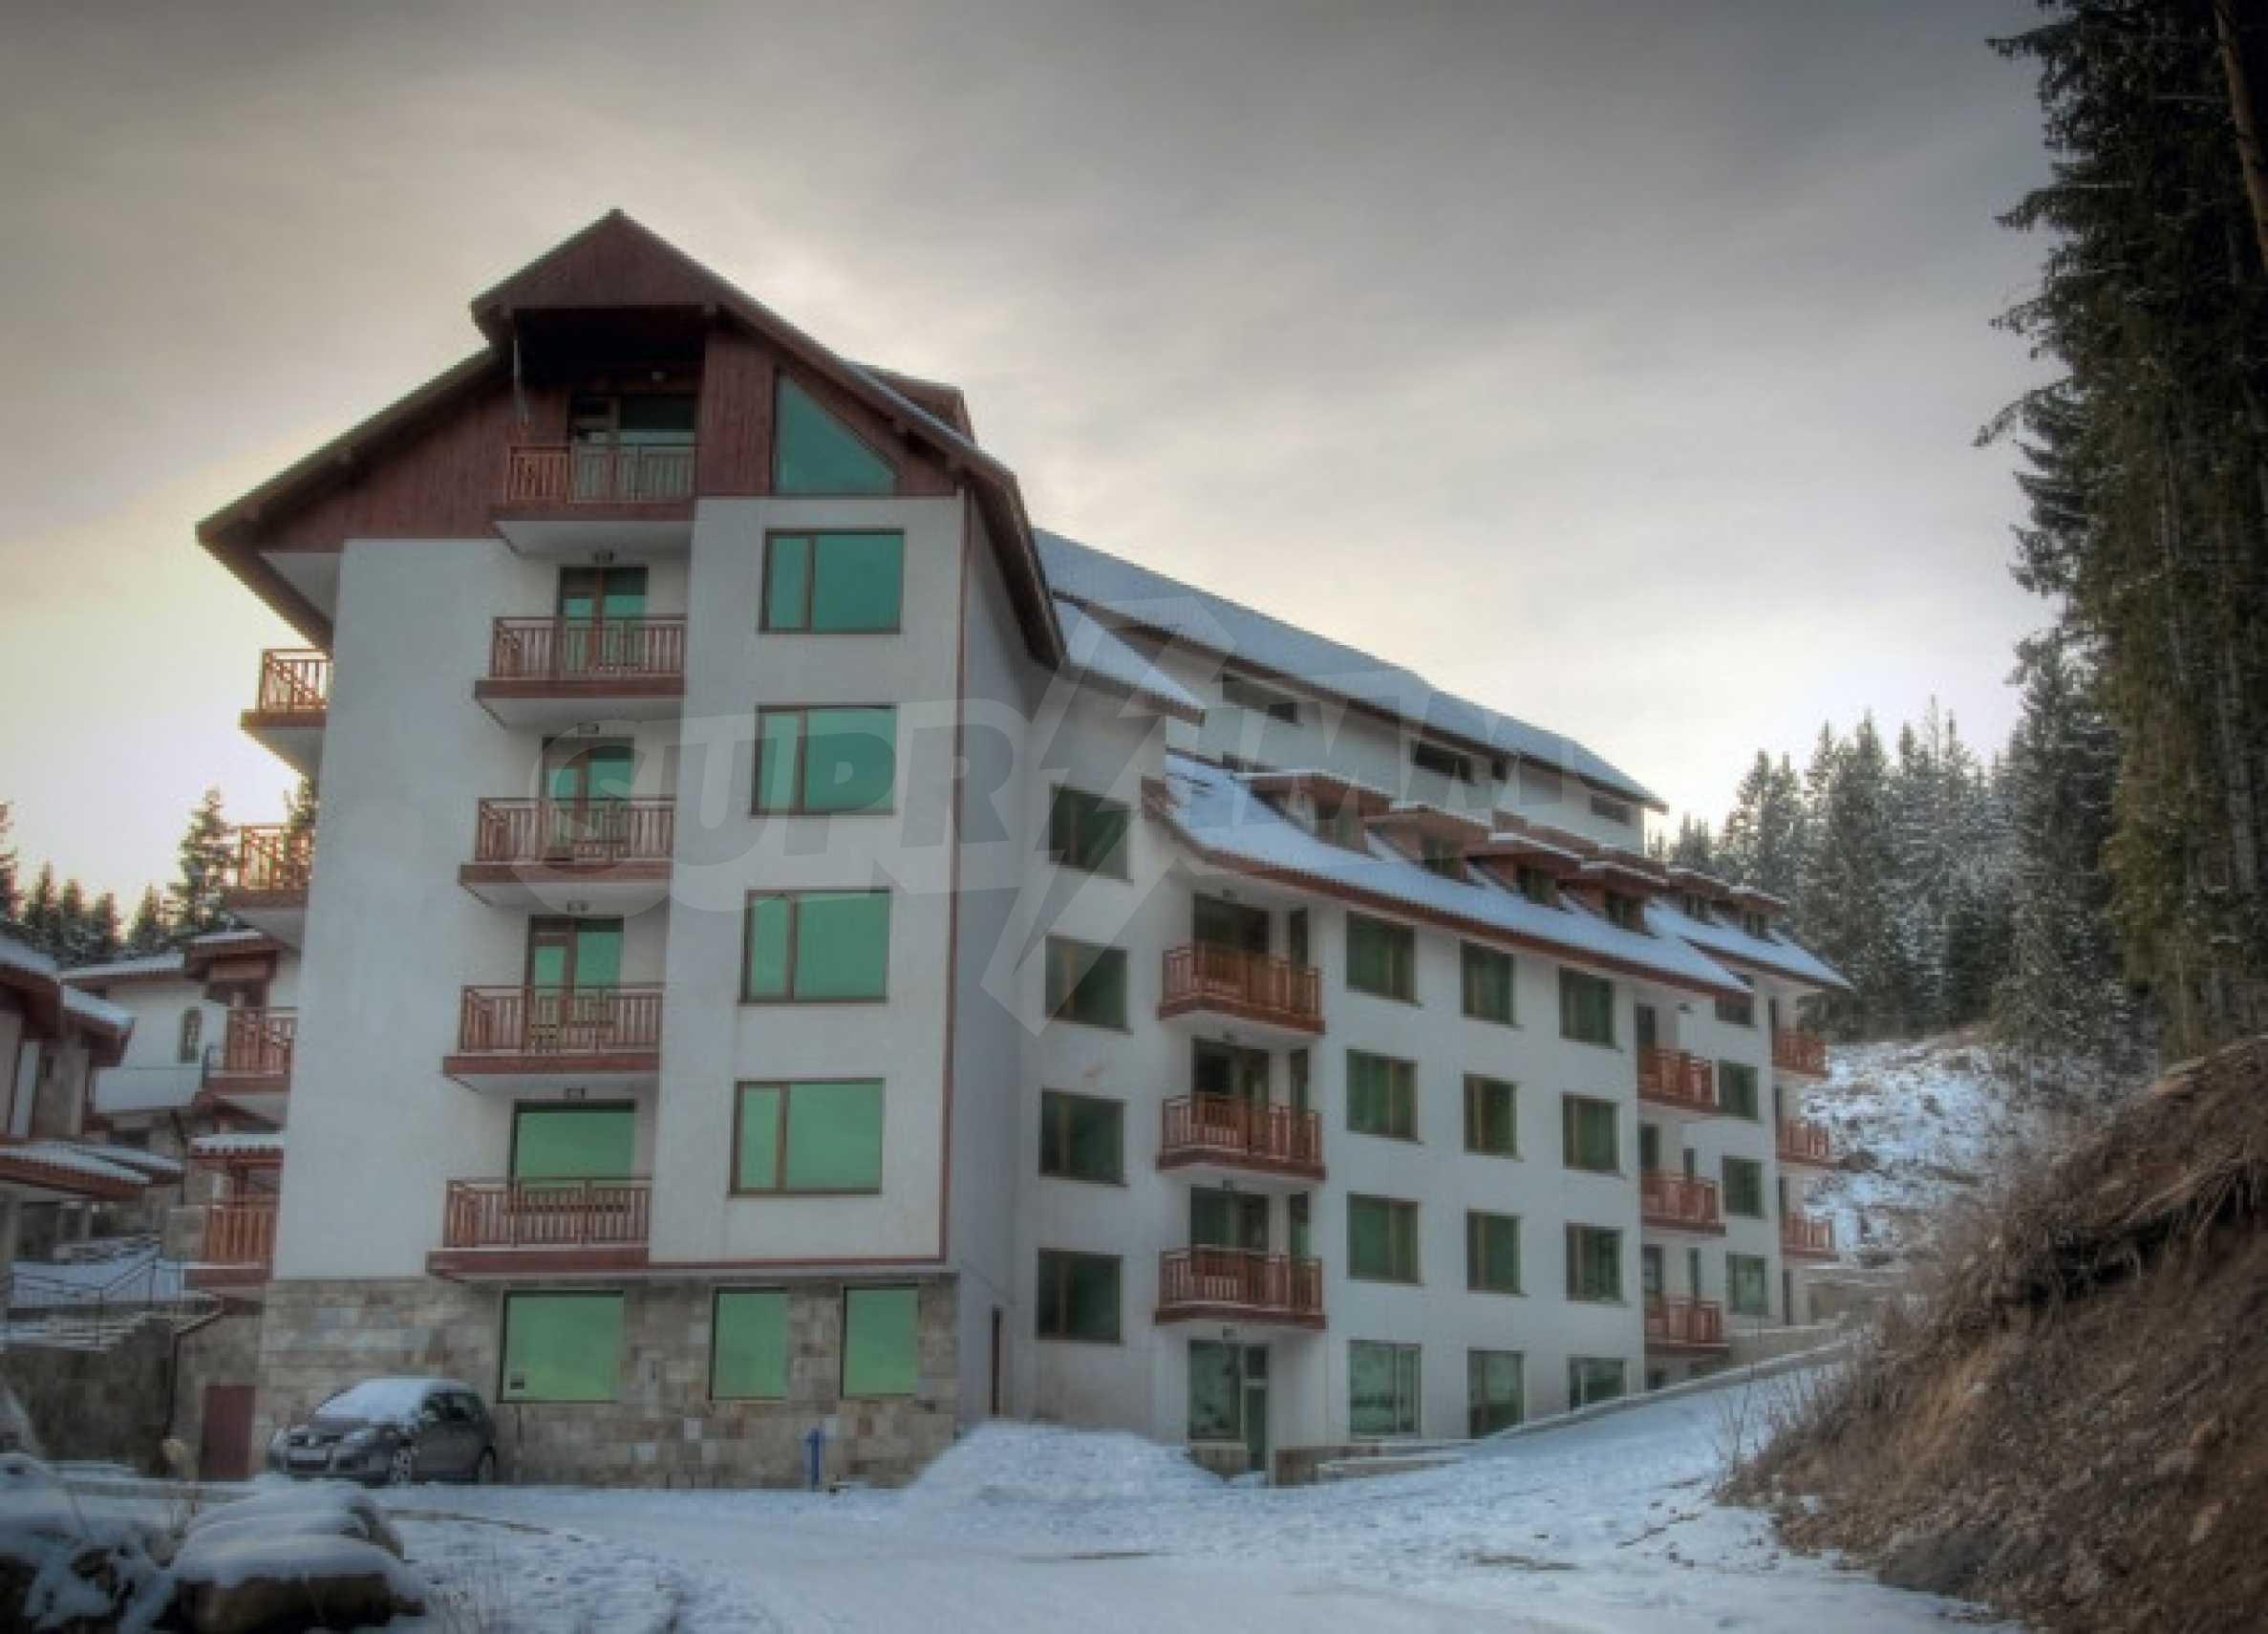 Апартаменти на атрактивни цени в планински ваканционен комплекс в Пампорово